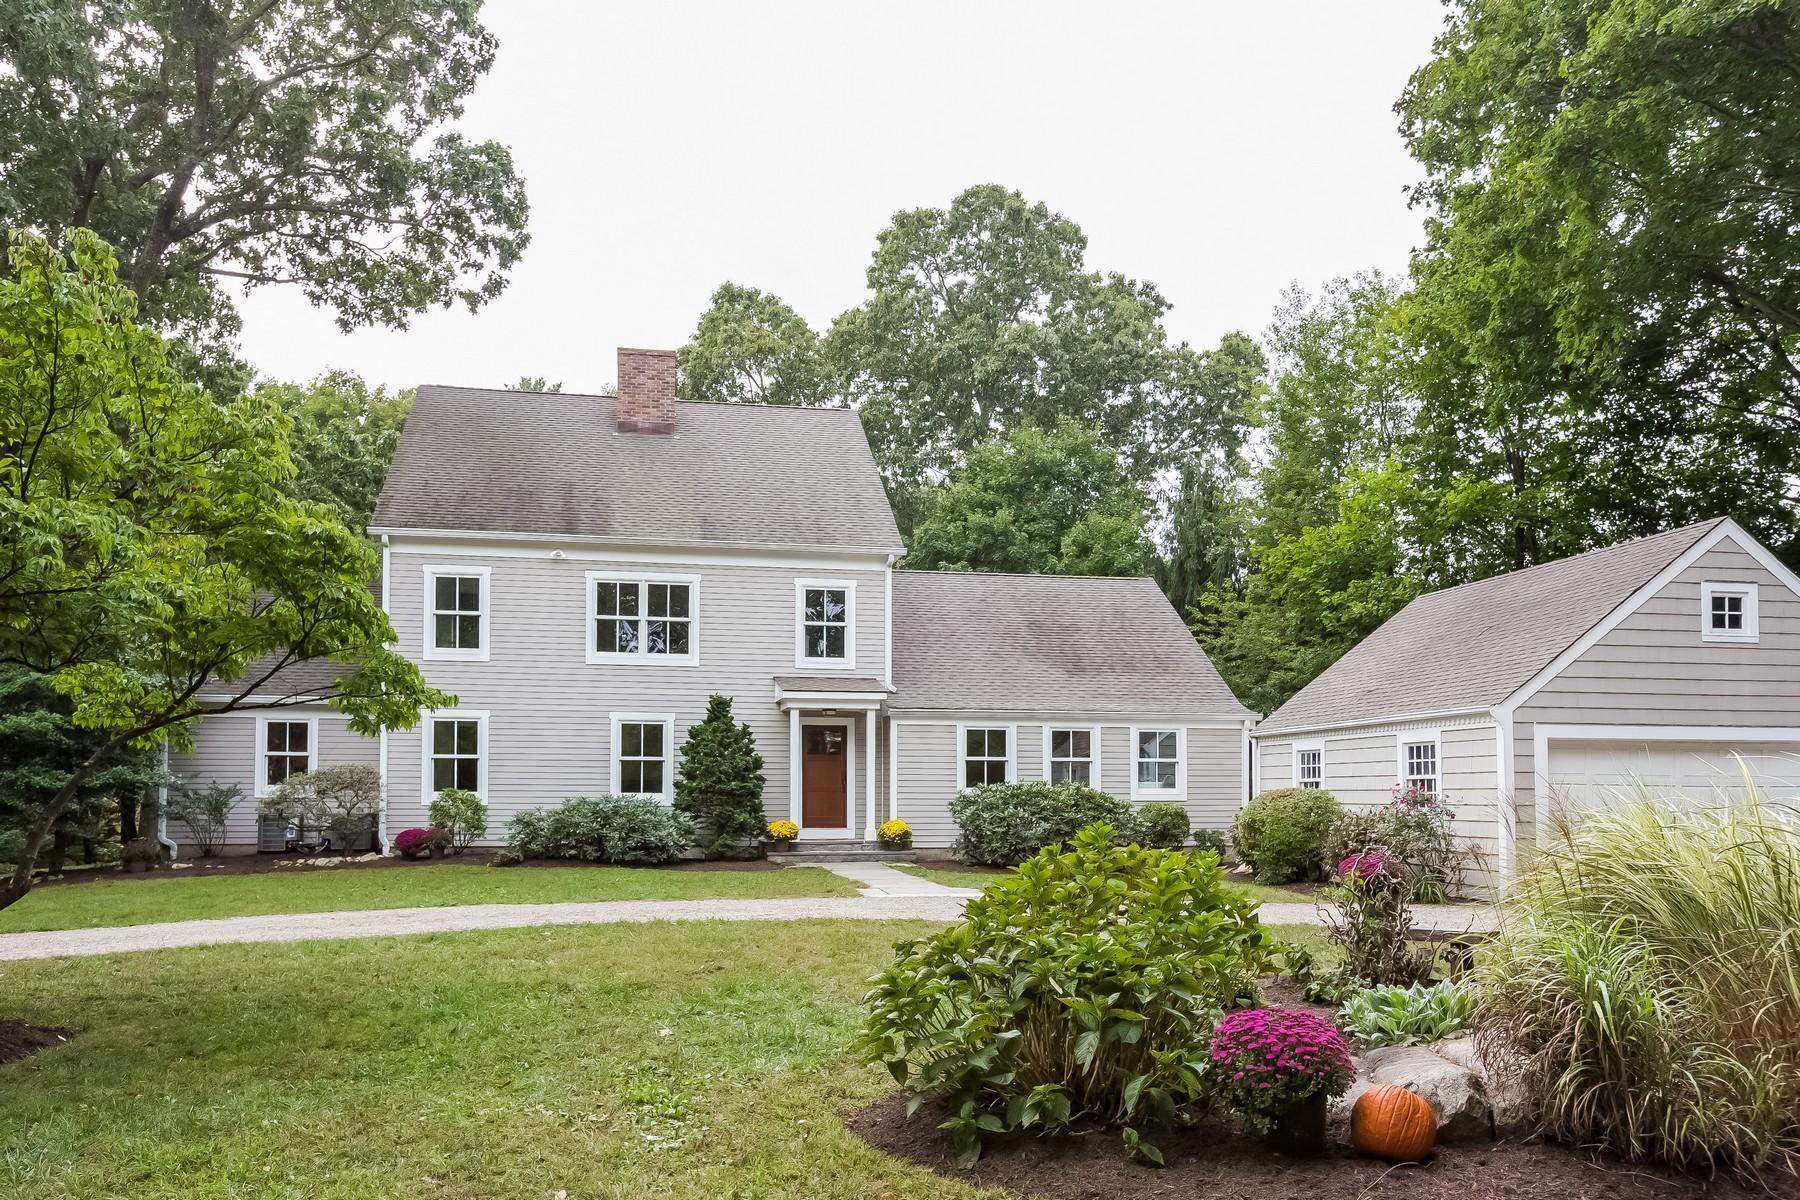 Einfamilienhaus für Verkauf beim Private Cul-De-Sac 6 Berry Lane Darien, Connecticut, 06820 Vereinigte Staaten